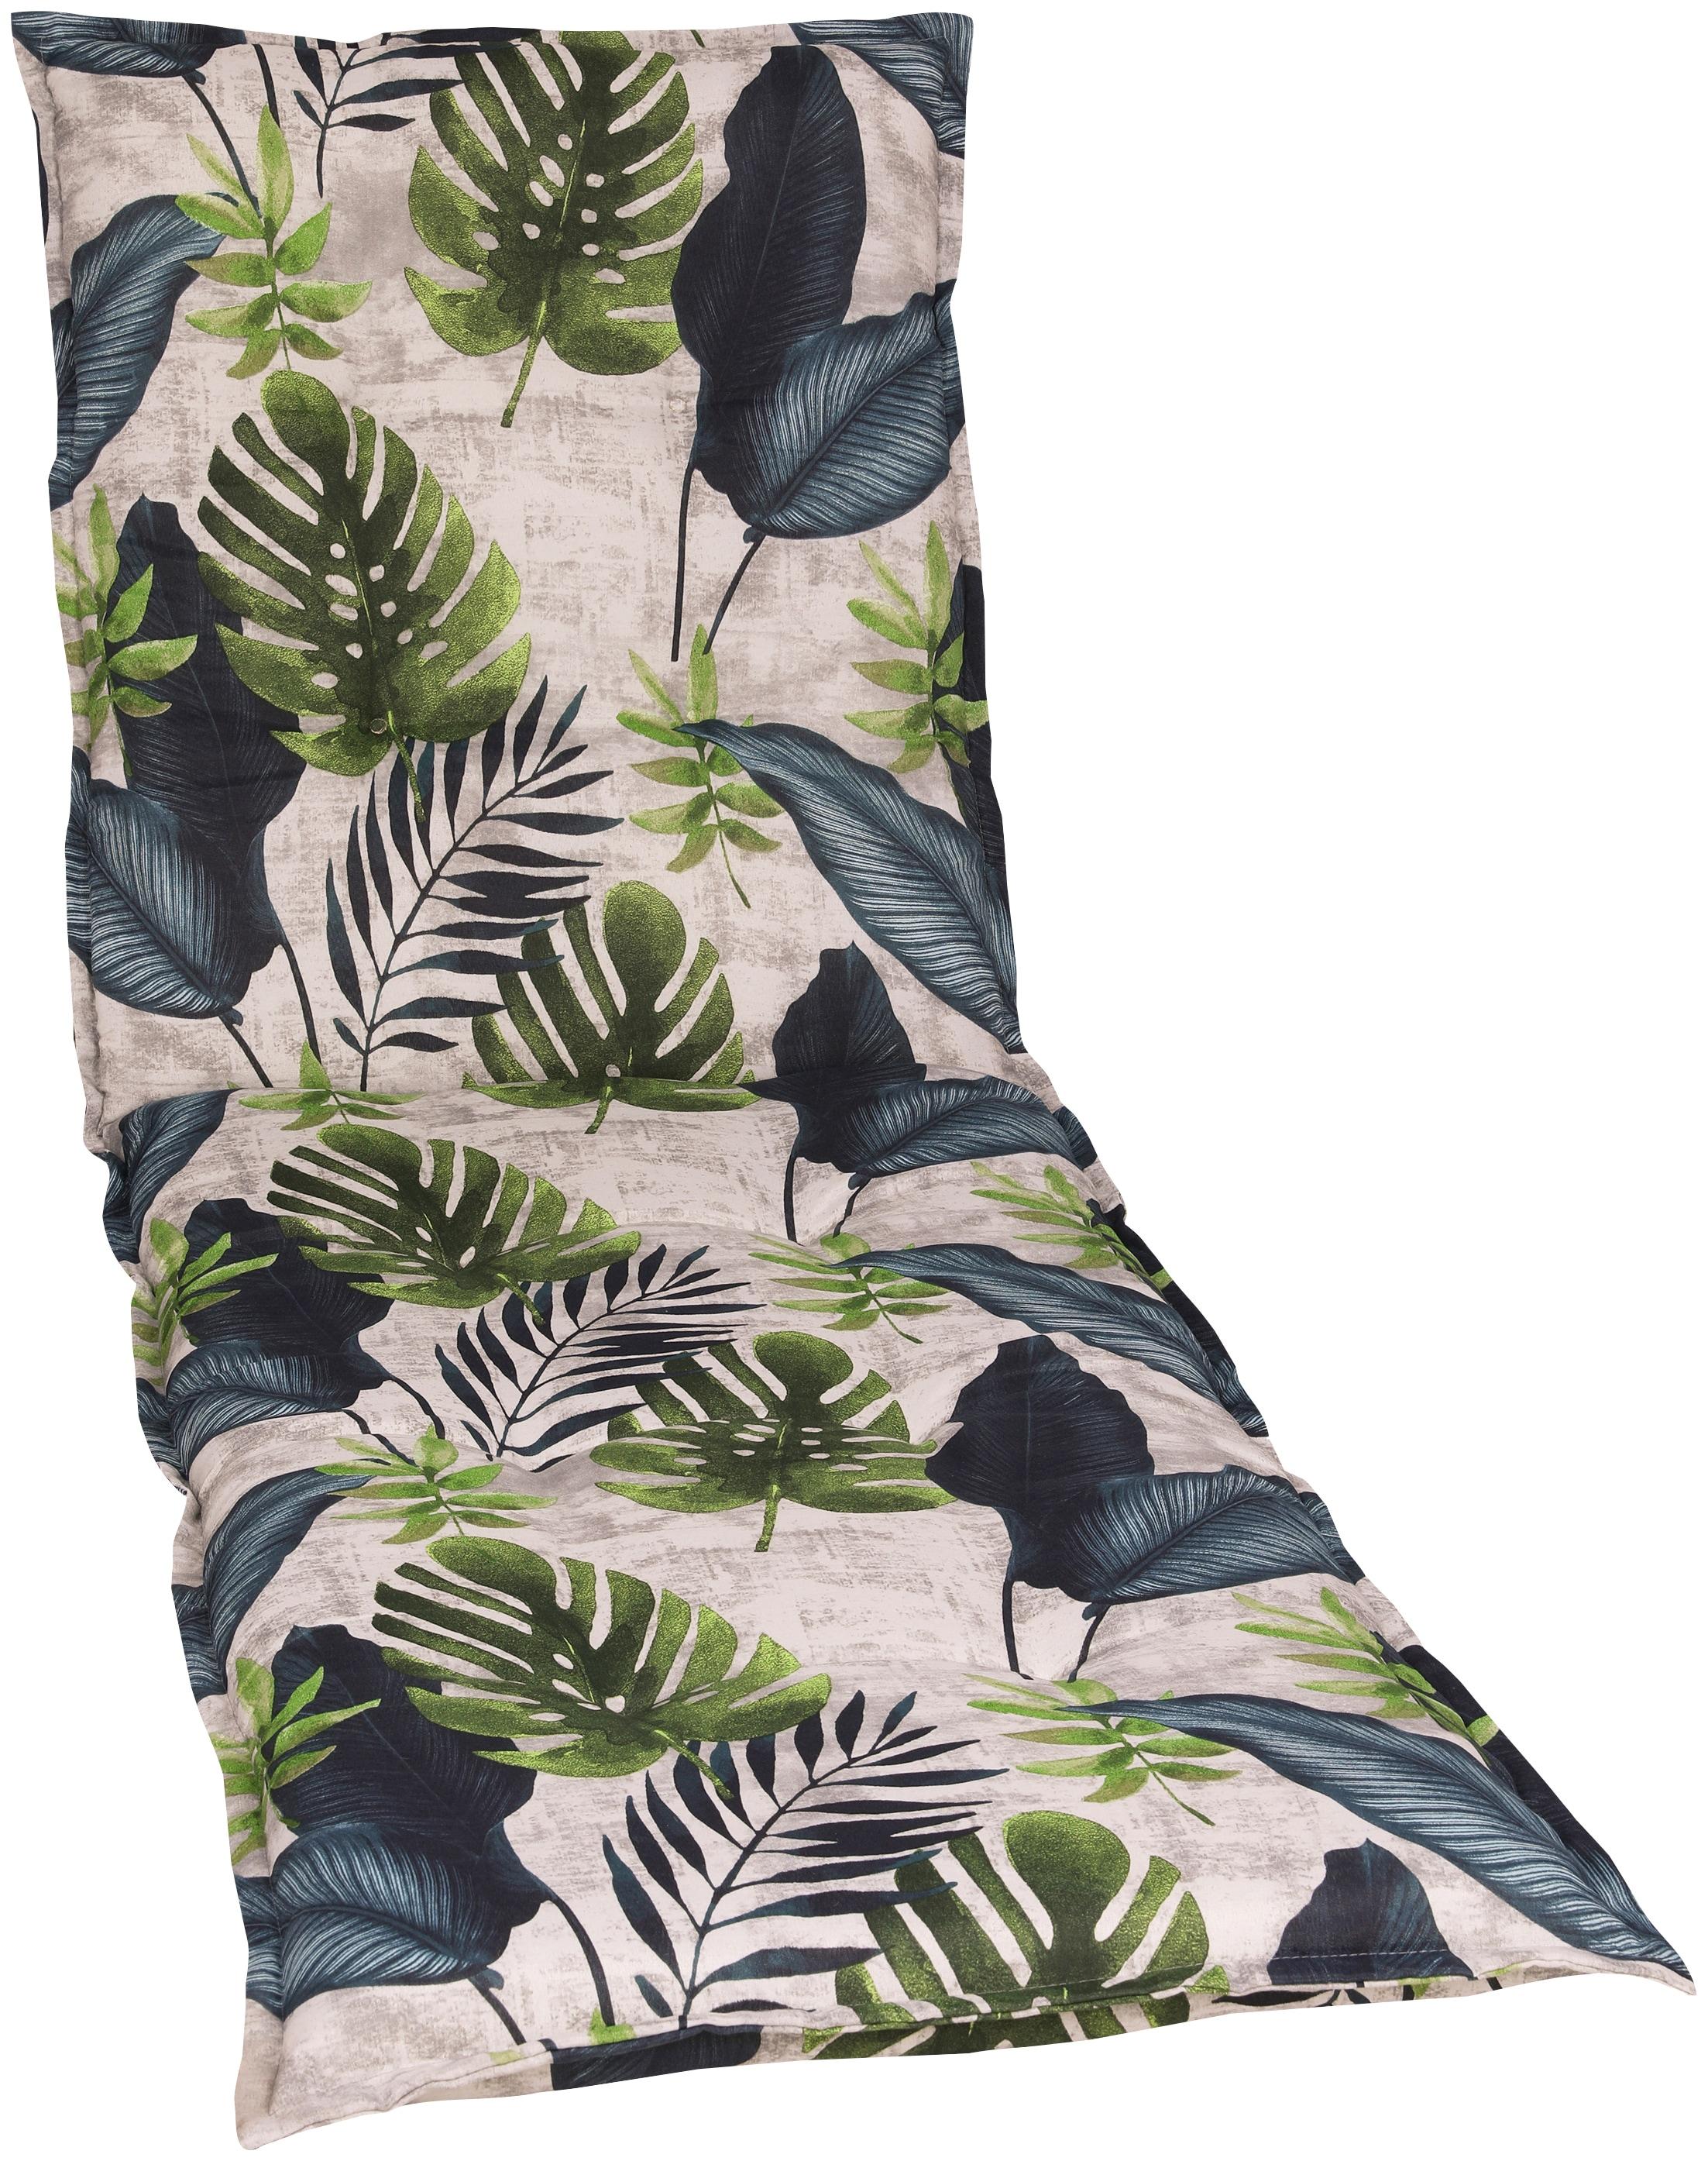 GO-DE Liegenauflage, 190 x 60 cm grün Liegenauflage Liegenauflagen Gartenmöbel-Auflagen Gartenmöbel Gartendeko